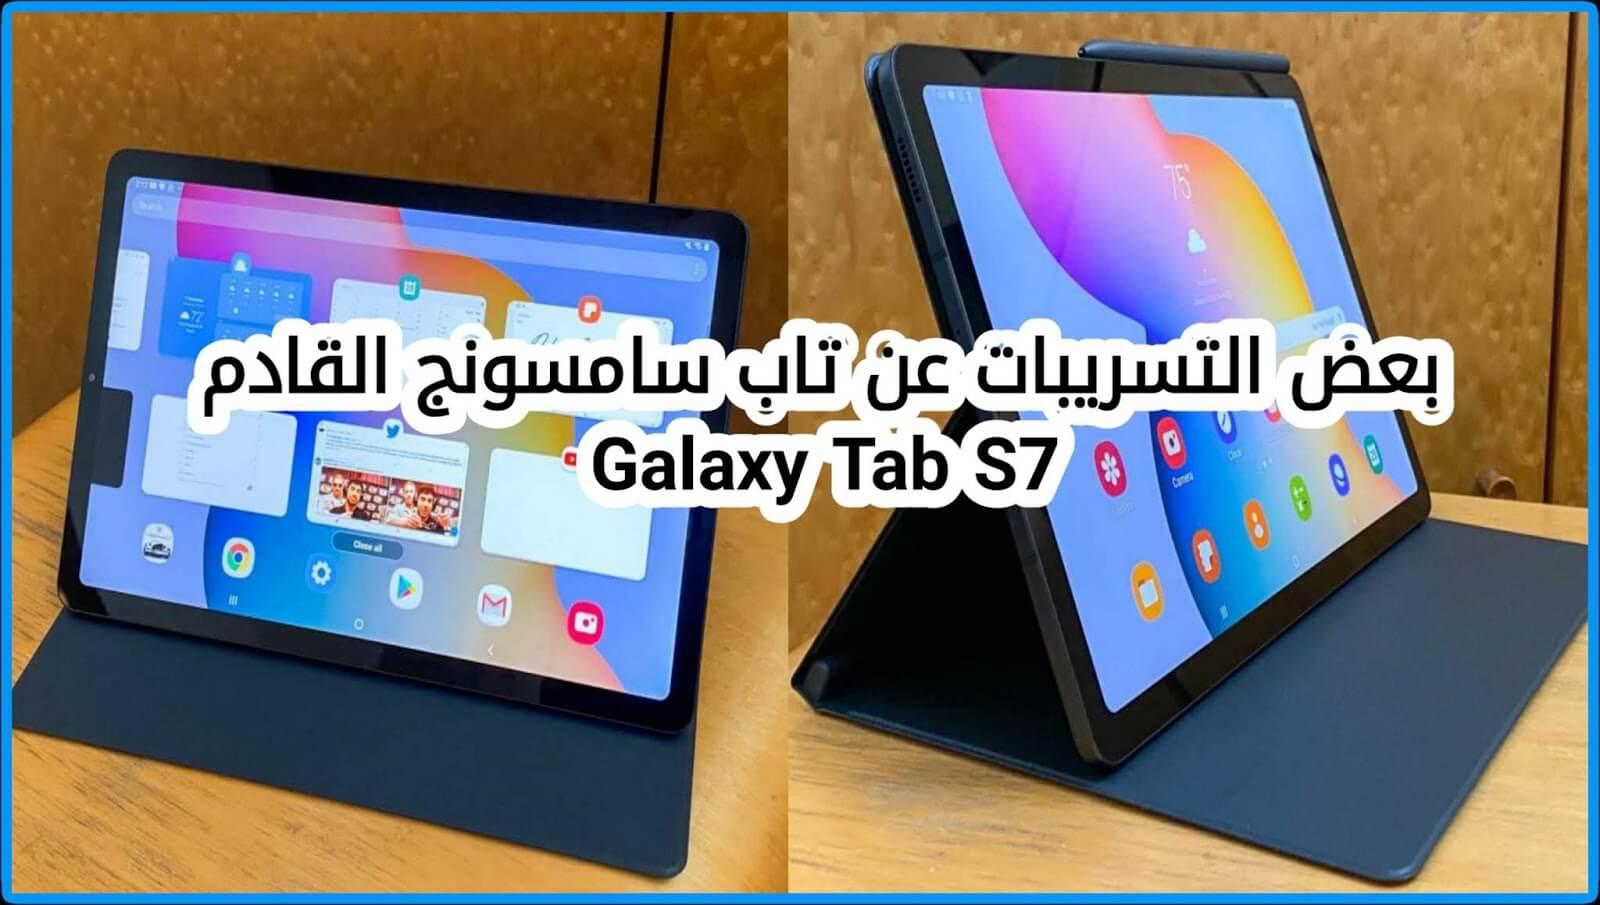 بعض التسريبات عن تاب سامسونج القادم Galaxy Tab S7 مواصفات وسعر وتاريخ الإعلان